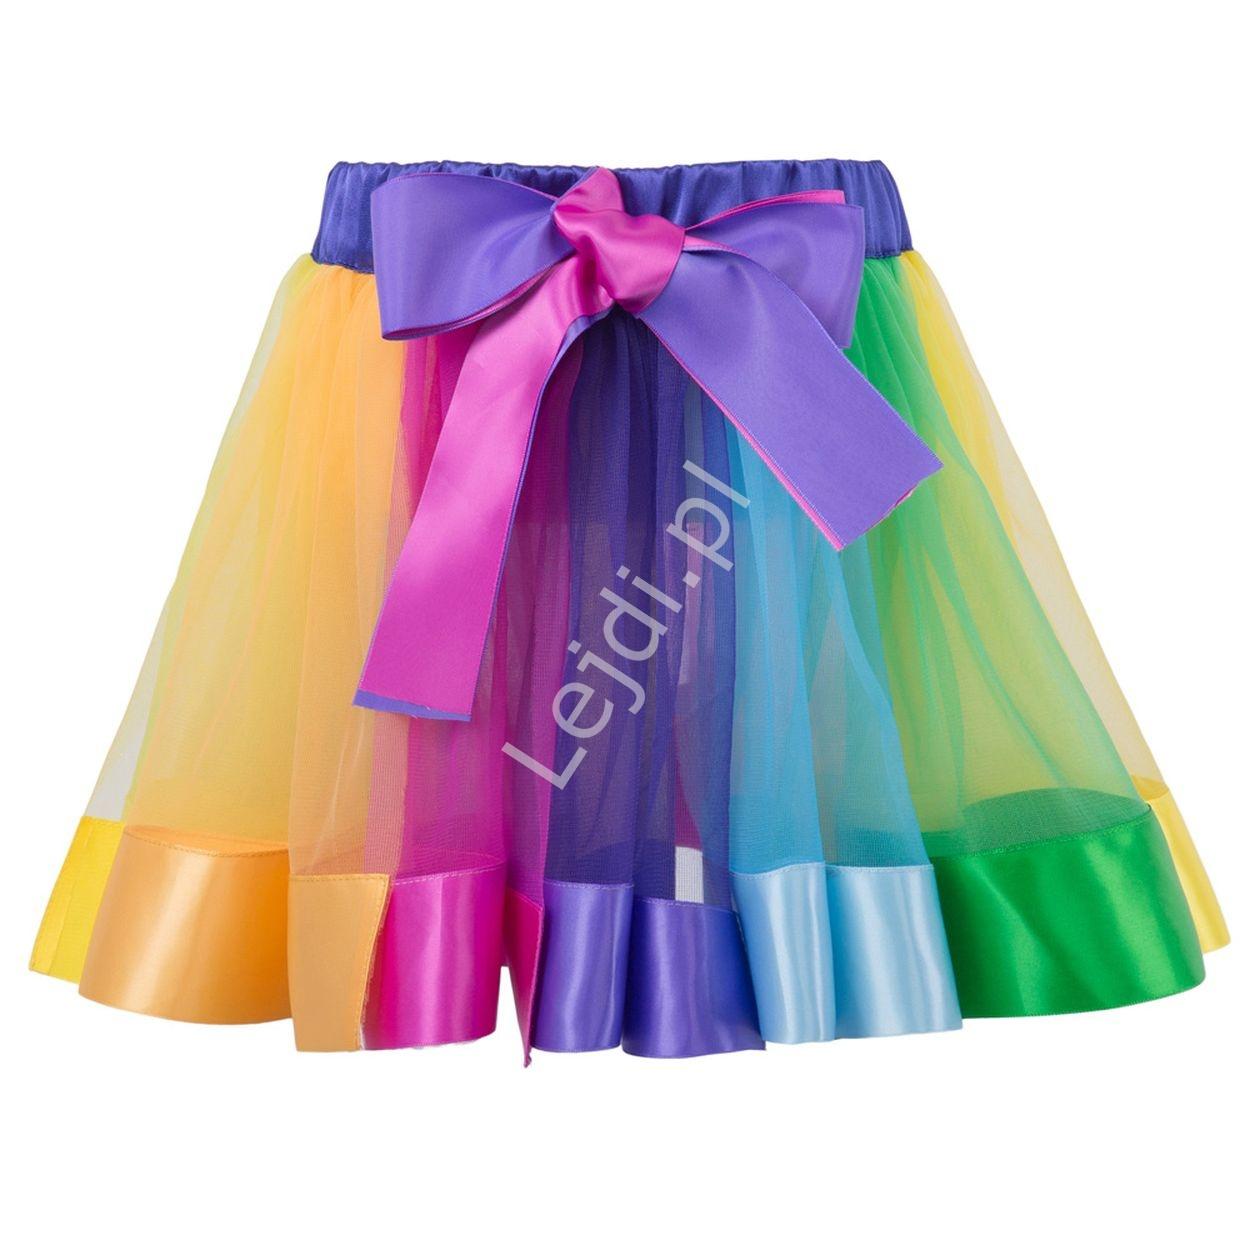 Kolorowa halka dziecięca, spódnica tutu skirt | spódniczka, halka dla dziewczynki - Lejdi